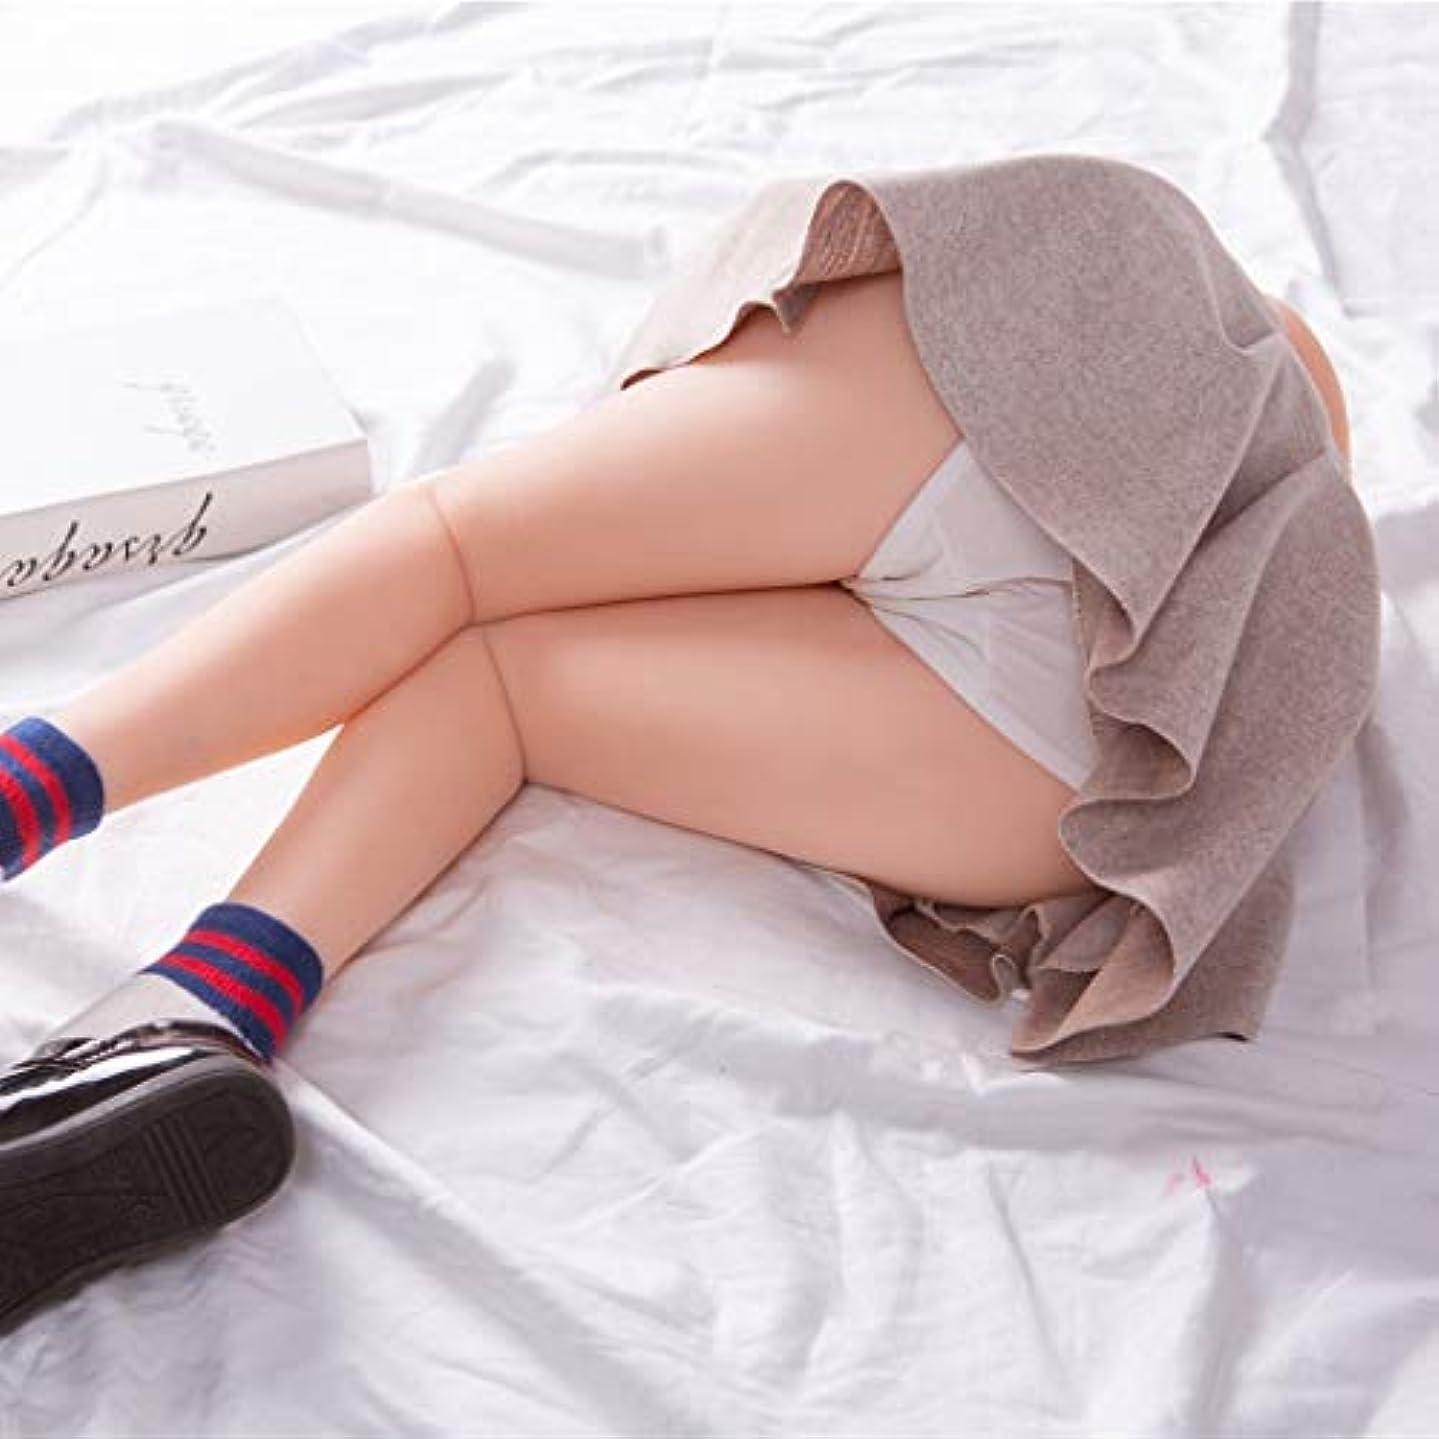 ずらす成長ファーザーファージュ2エントリカップ柔らかいシリコーン、リアルな柔らかいシリコーン人形下着メンズ男大人のおもちゃ、ベストギフト男性カップルと男性のための素晴らしい3Dのリアルな人工おもちゃ (Size : 60cm)